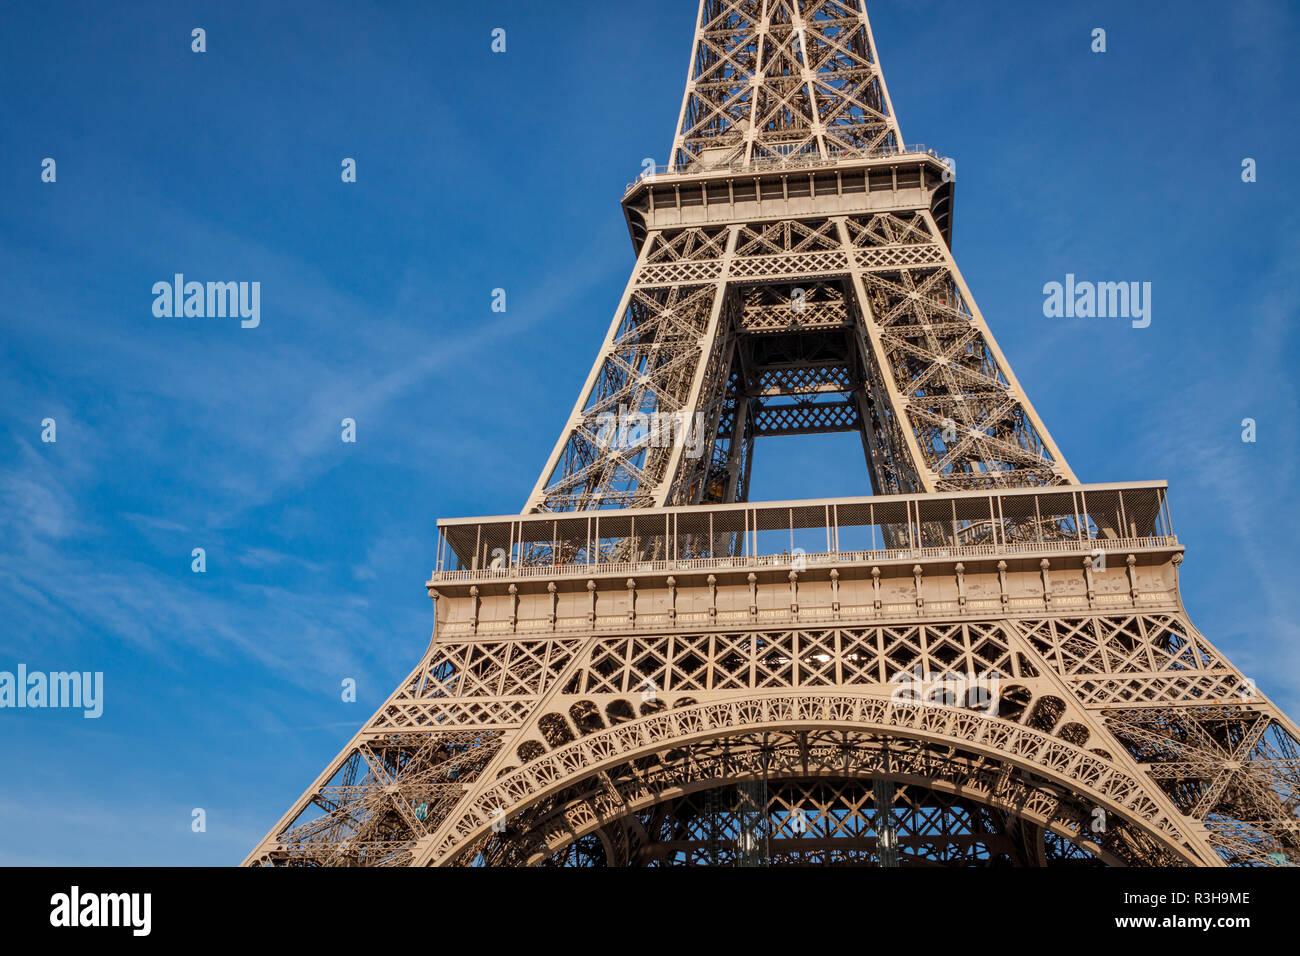 Eiffelturm in Paris Sehenswürdigkeiten gegen den blauen Himmel Stockbild